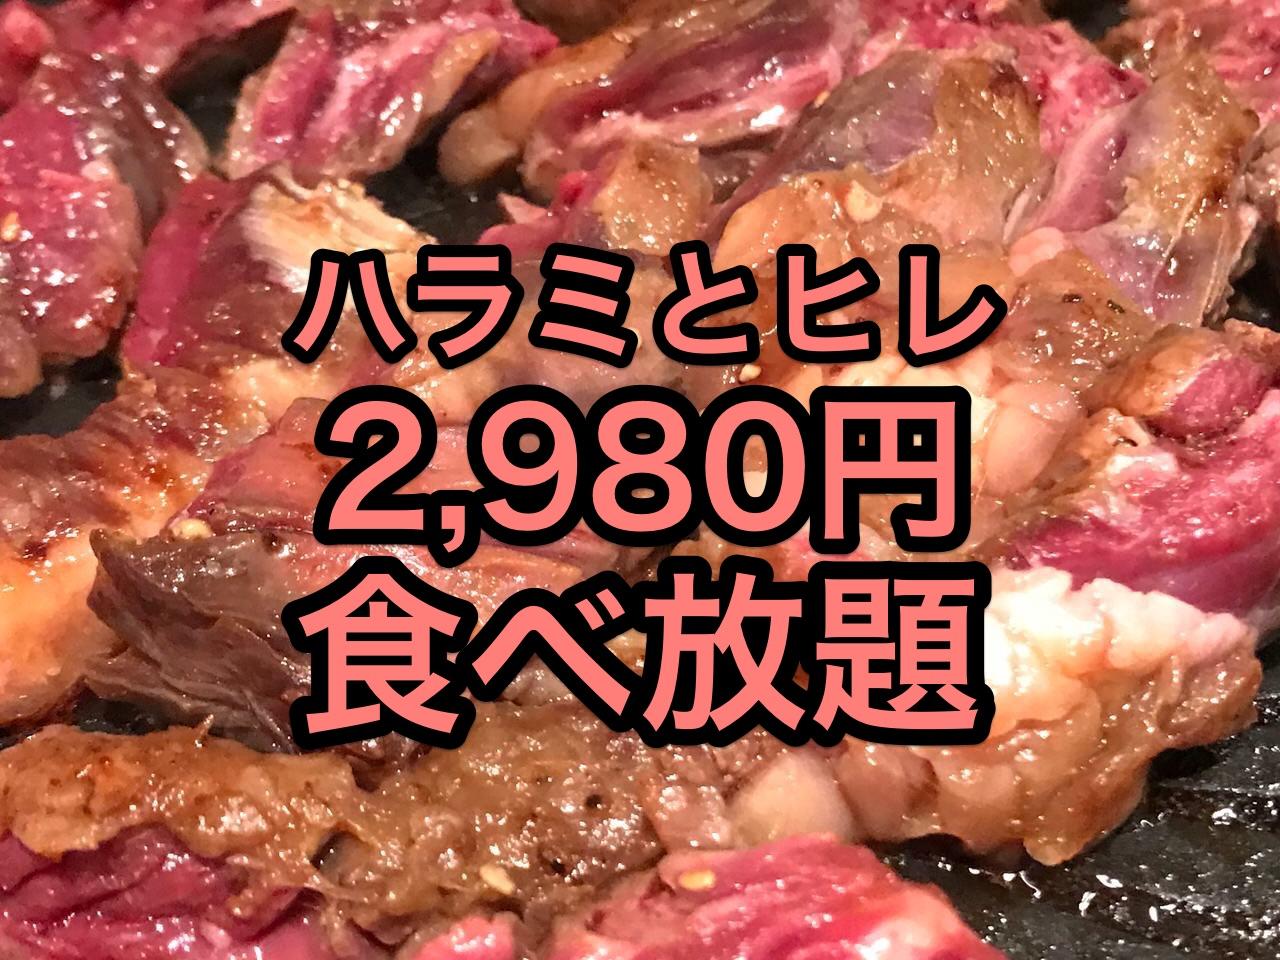 「上野もと家」ハラミ2,980円食べ放題レギュラーメニュー化!